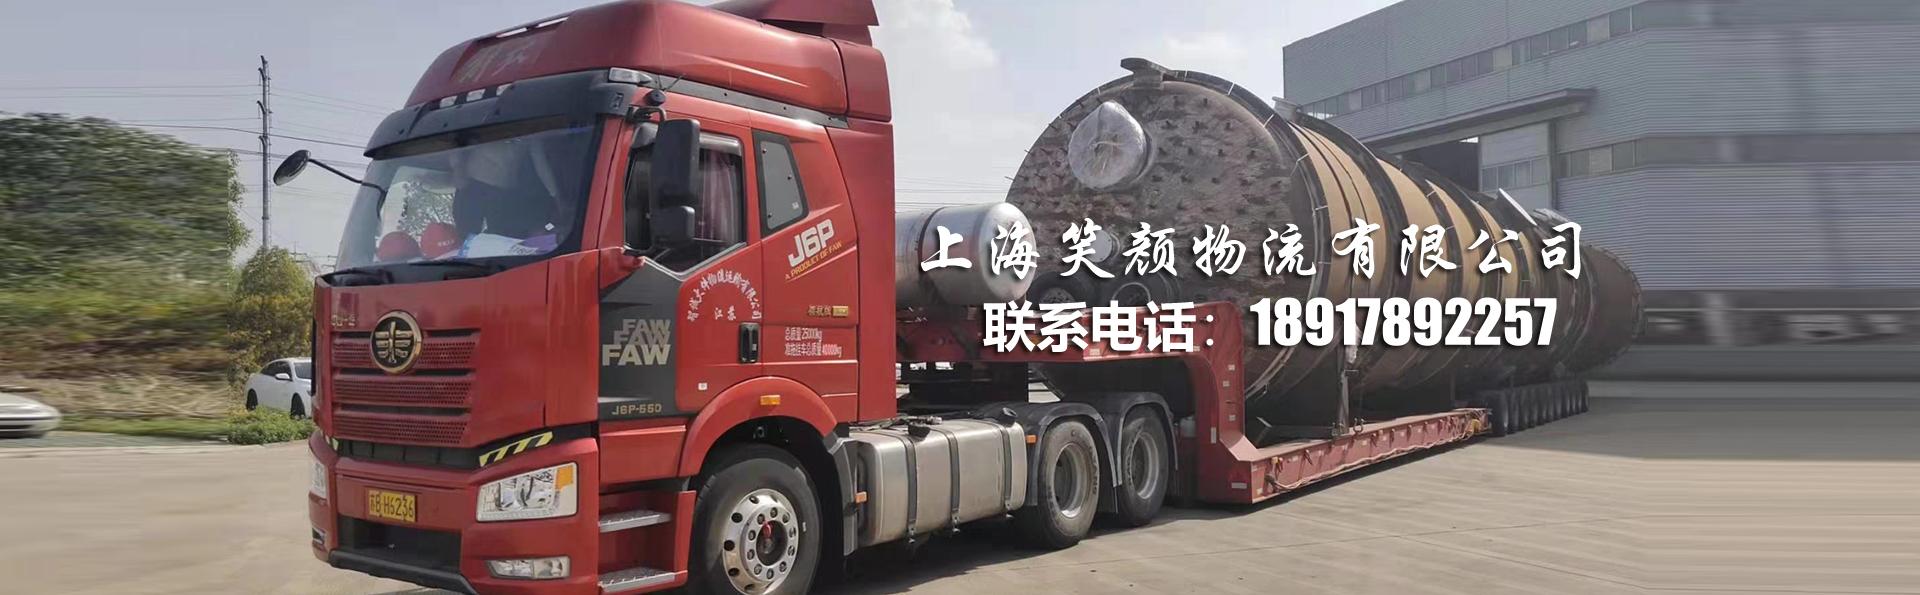 上海到宁夏物流公司价格